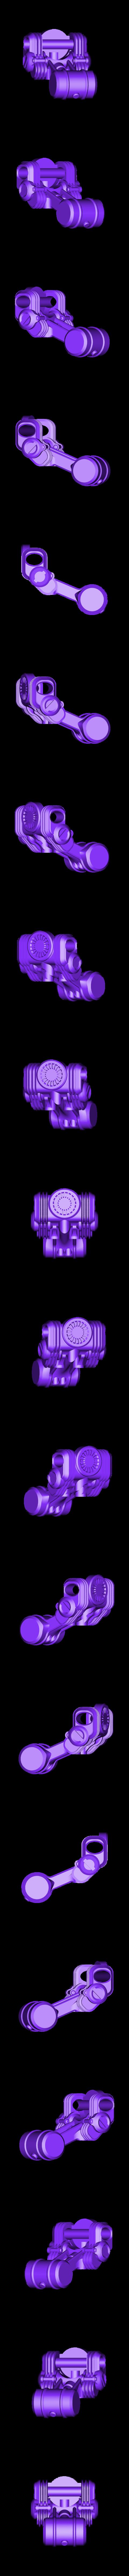 engine.stl Download free STL file Pod Walker • 3D printing object, ferjerez3d